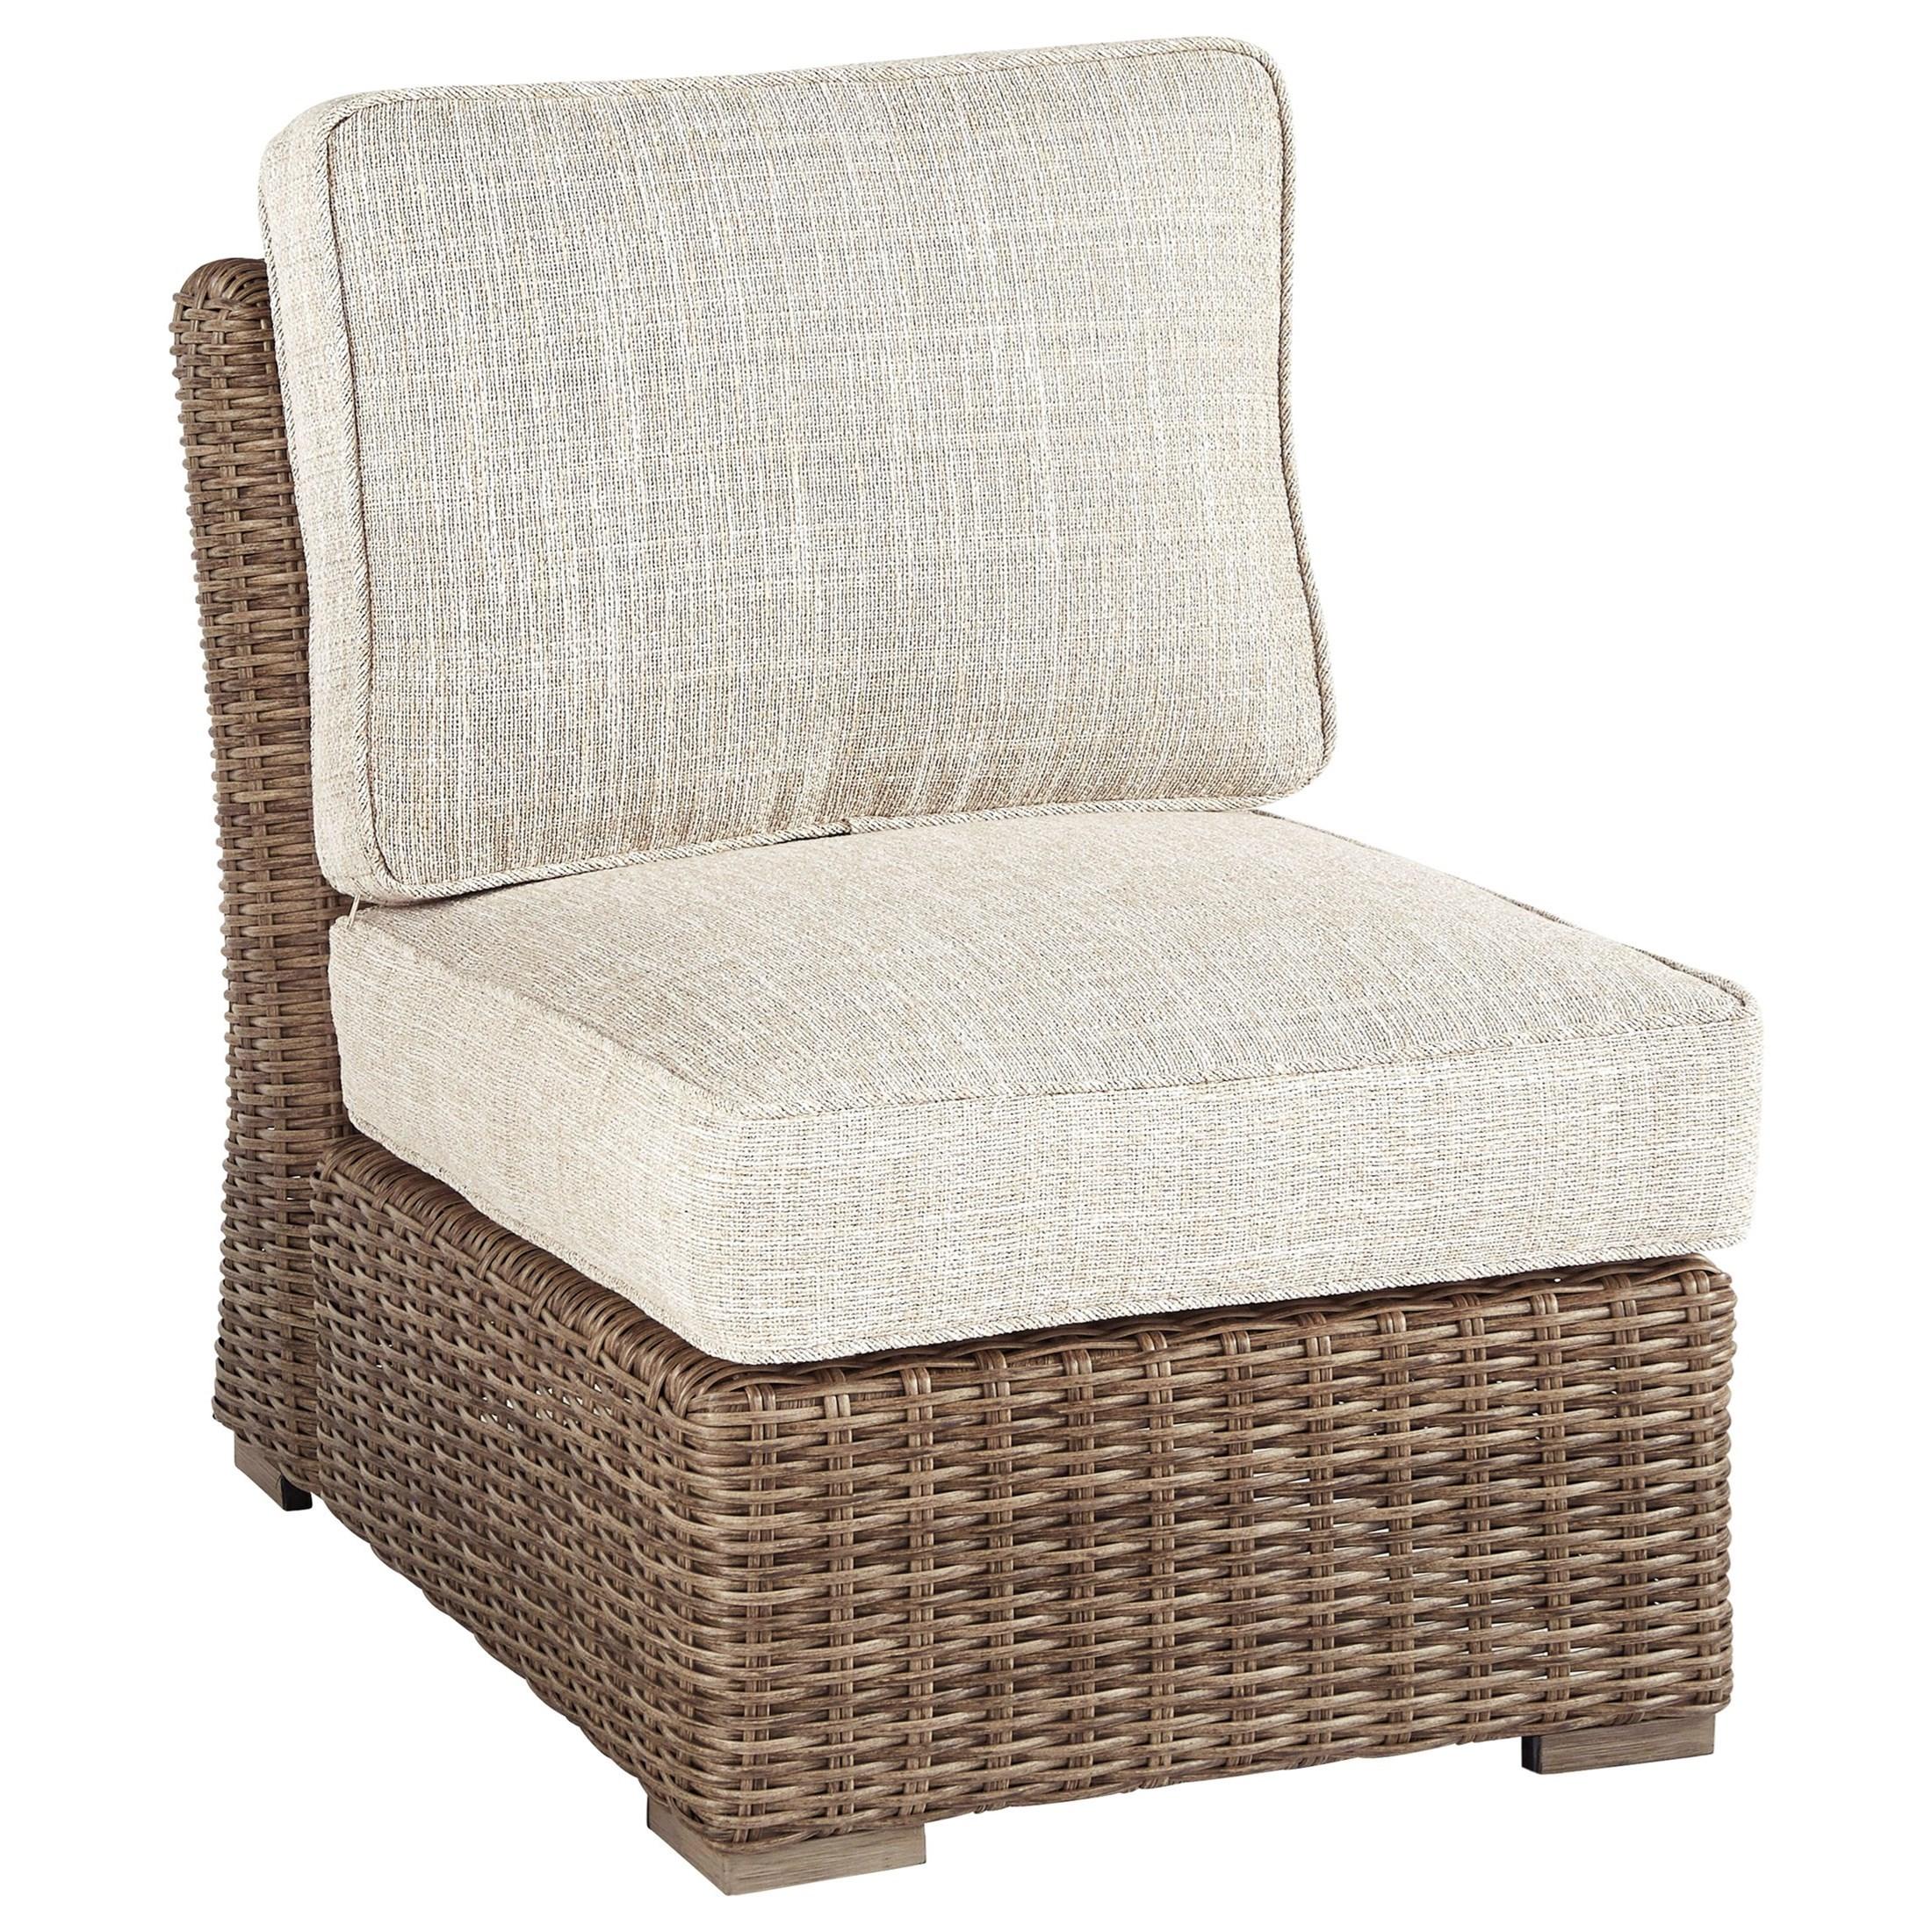 Armless Chair with Cushion